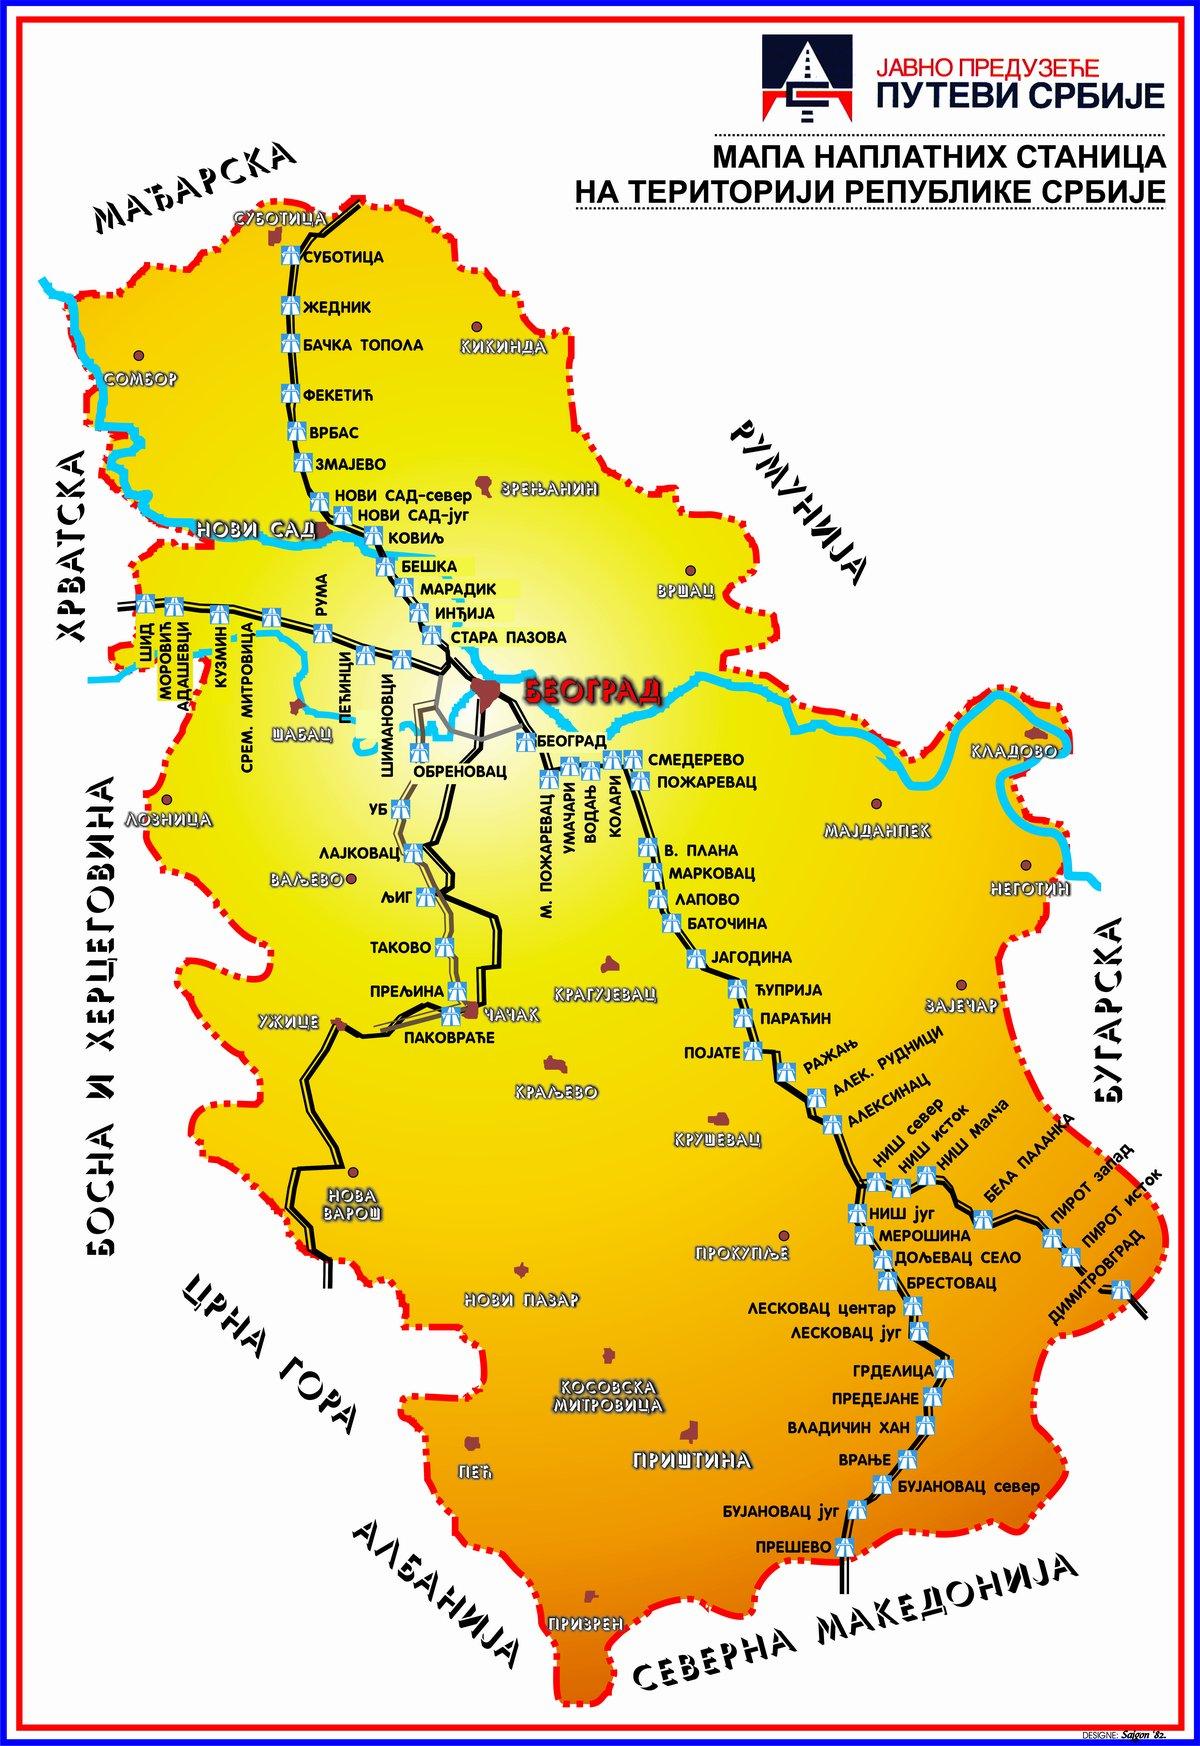 Mapa Naplatnih Stanica јp Putevi Srbiјe